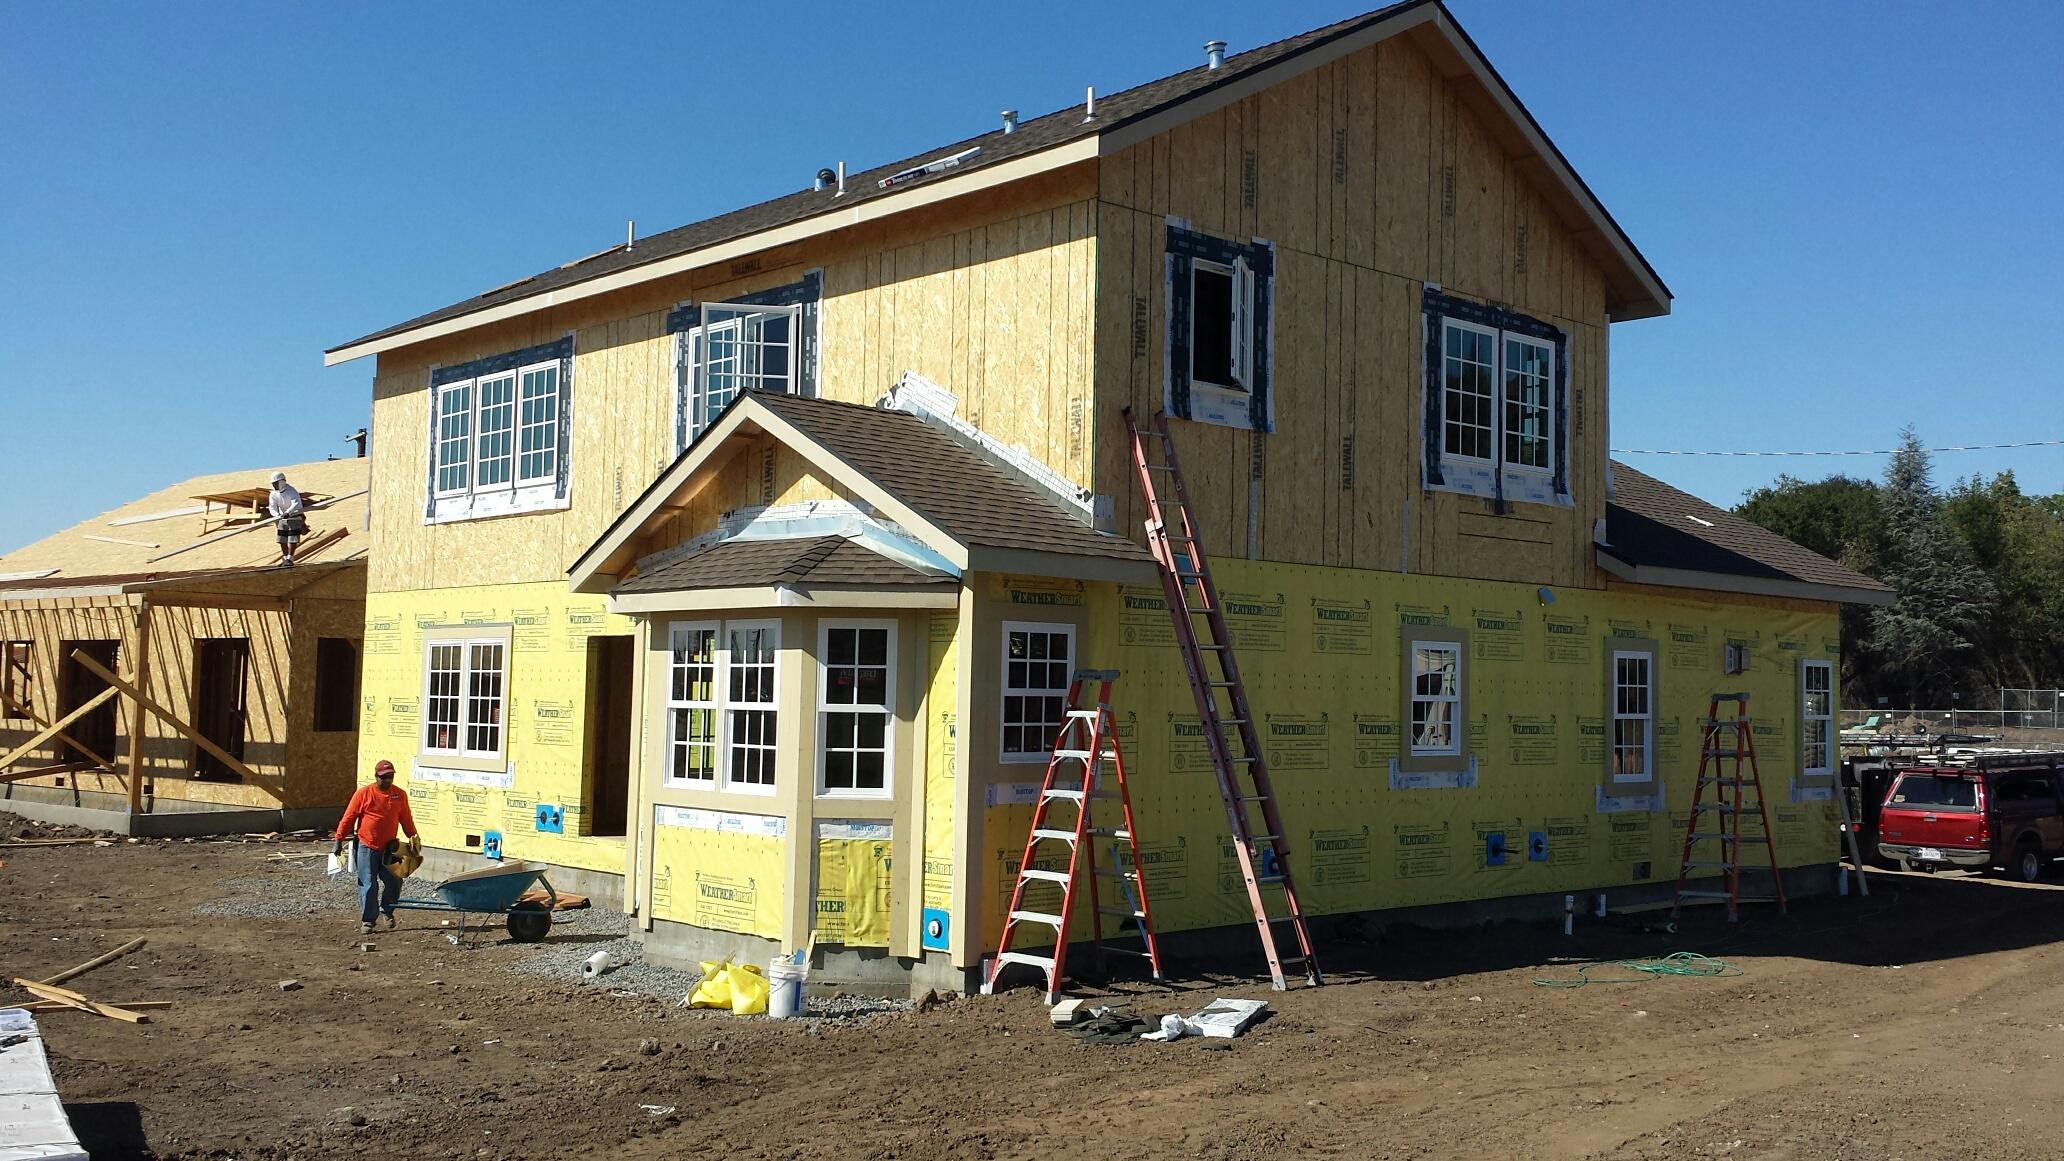 10-19-18 Roof is On (2).jpg